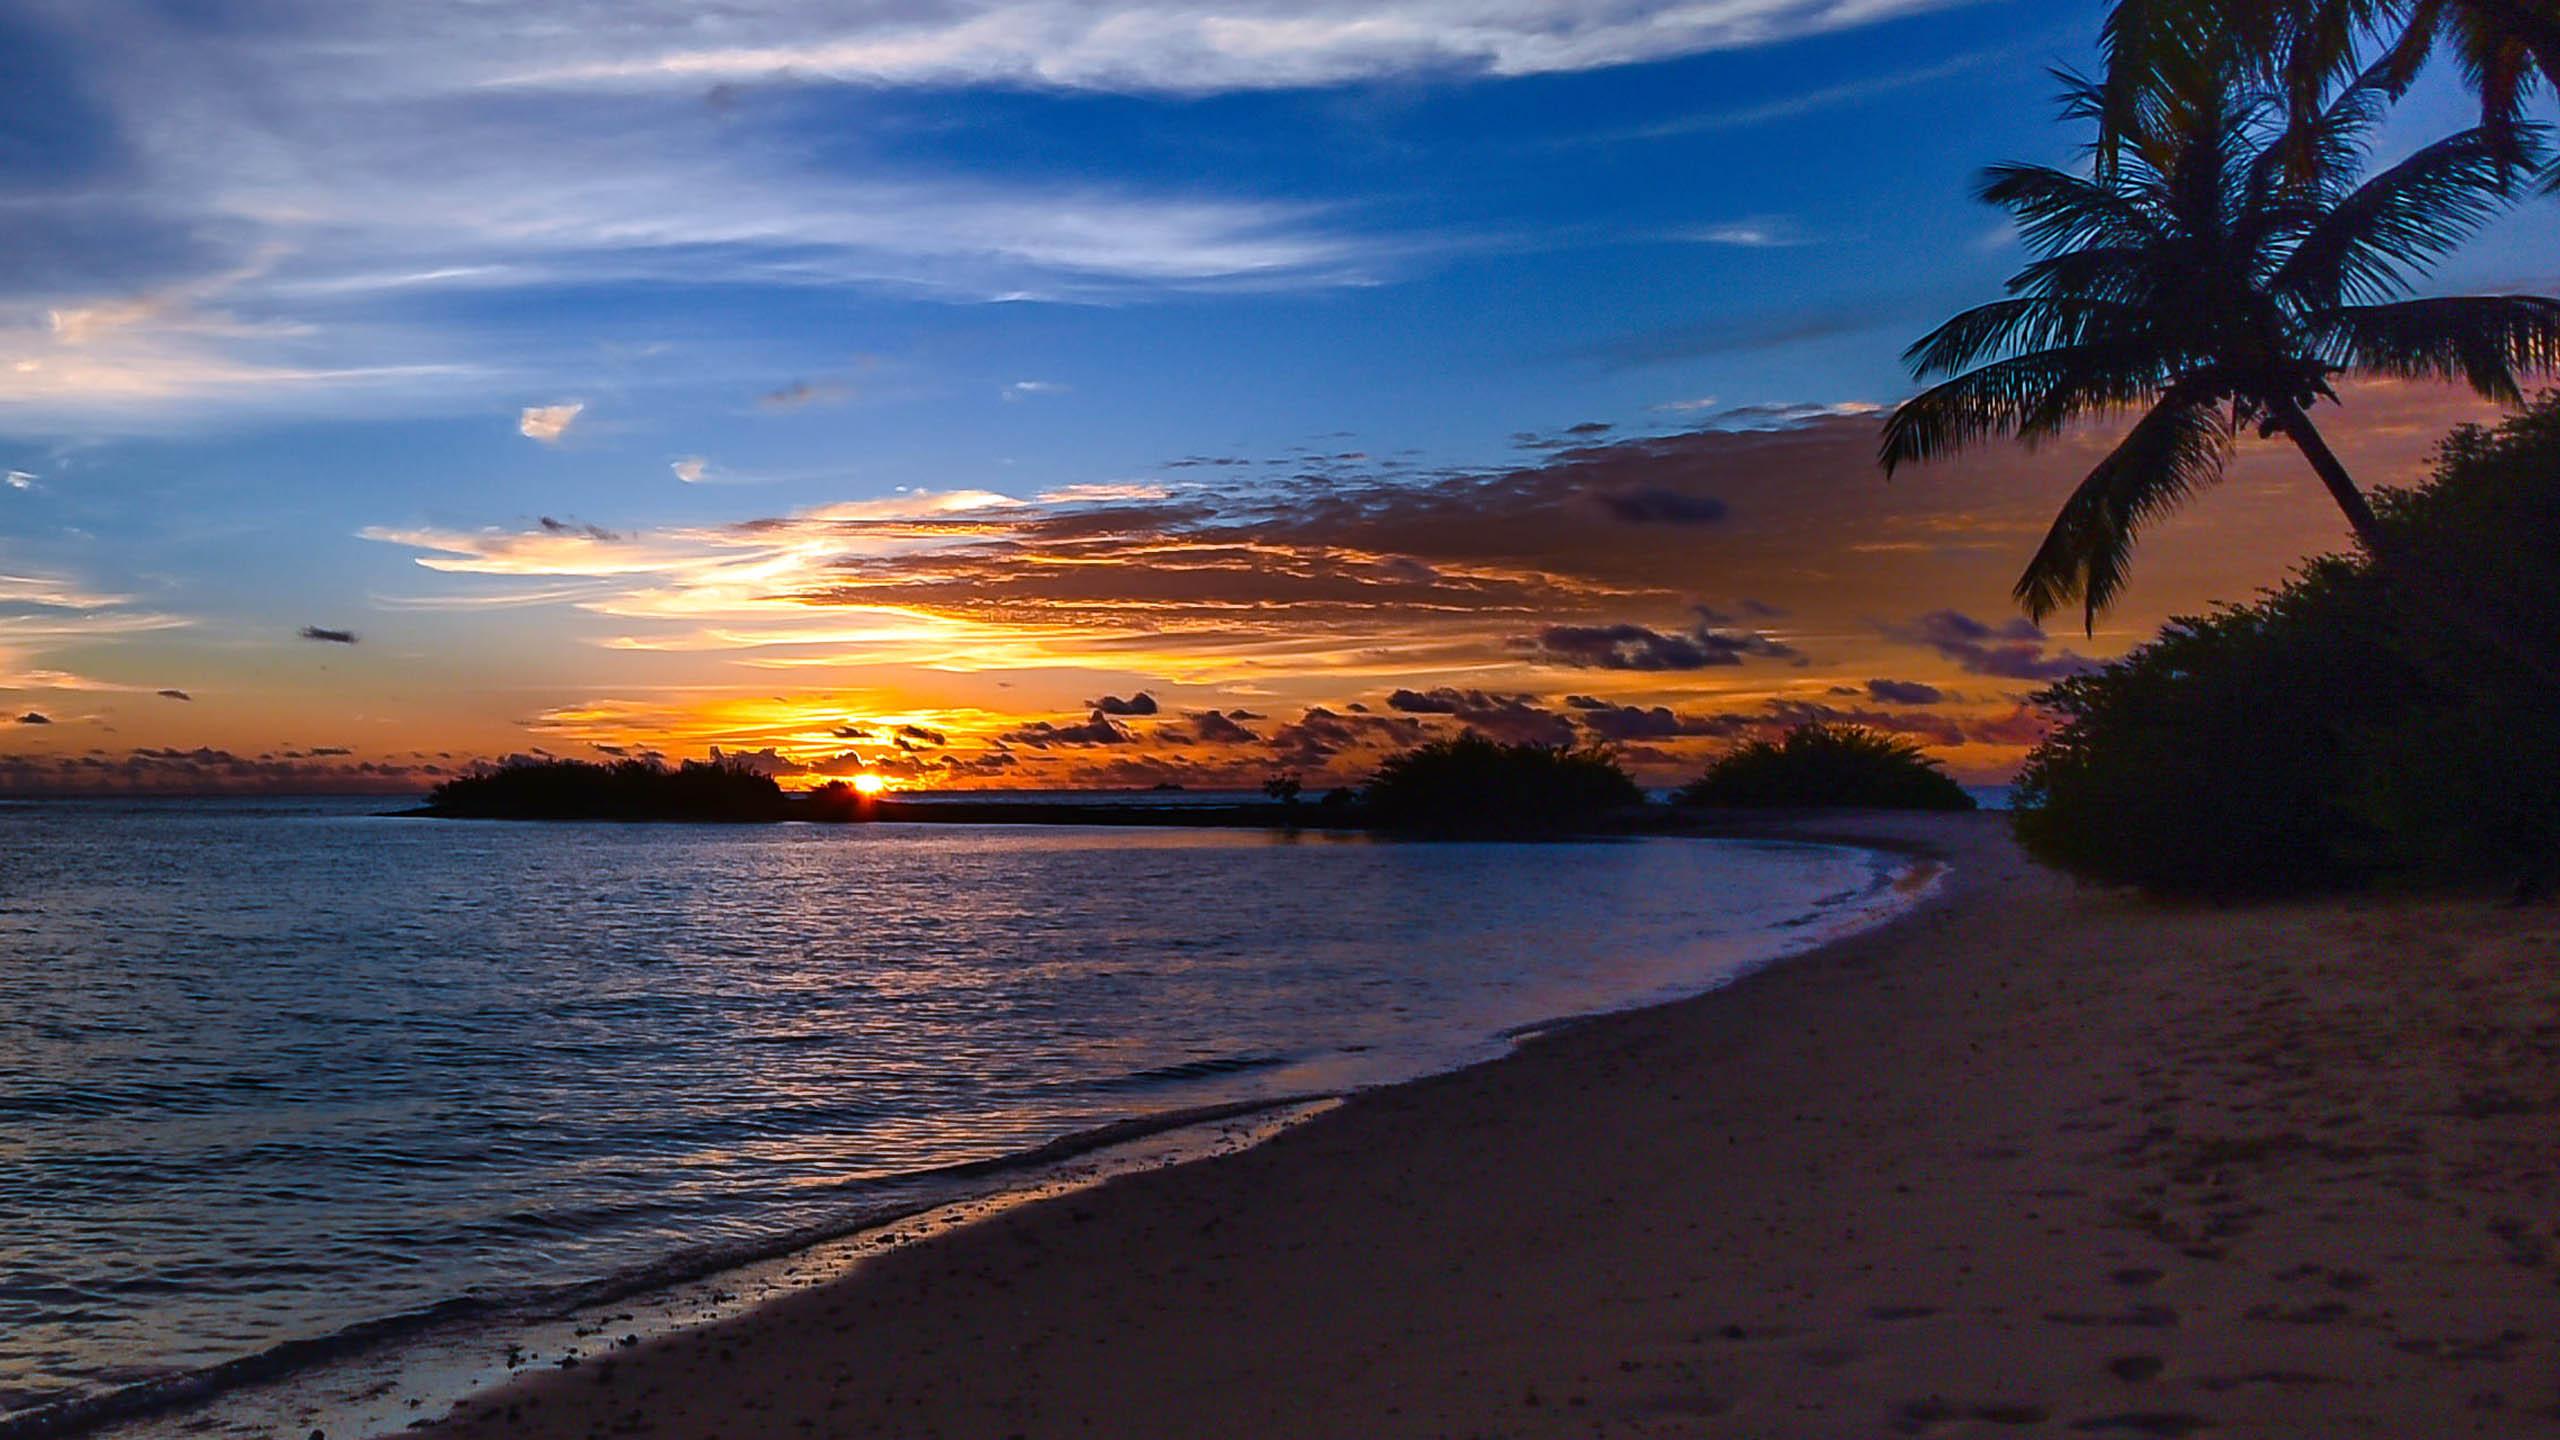 Sunset On Beach Wallpaper 4k 2560x1440 Download Hd Wallpaper Wallpapertip